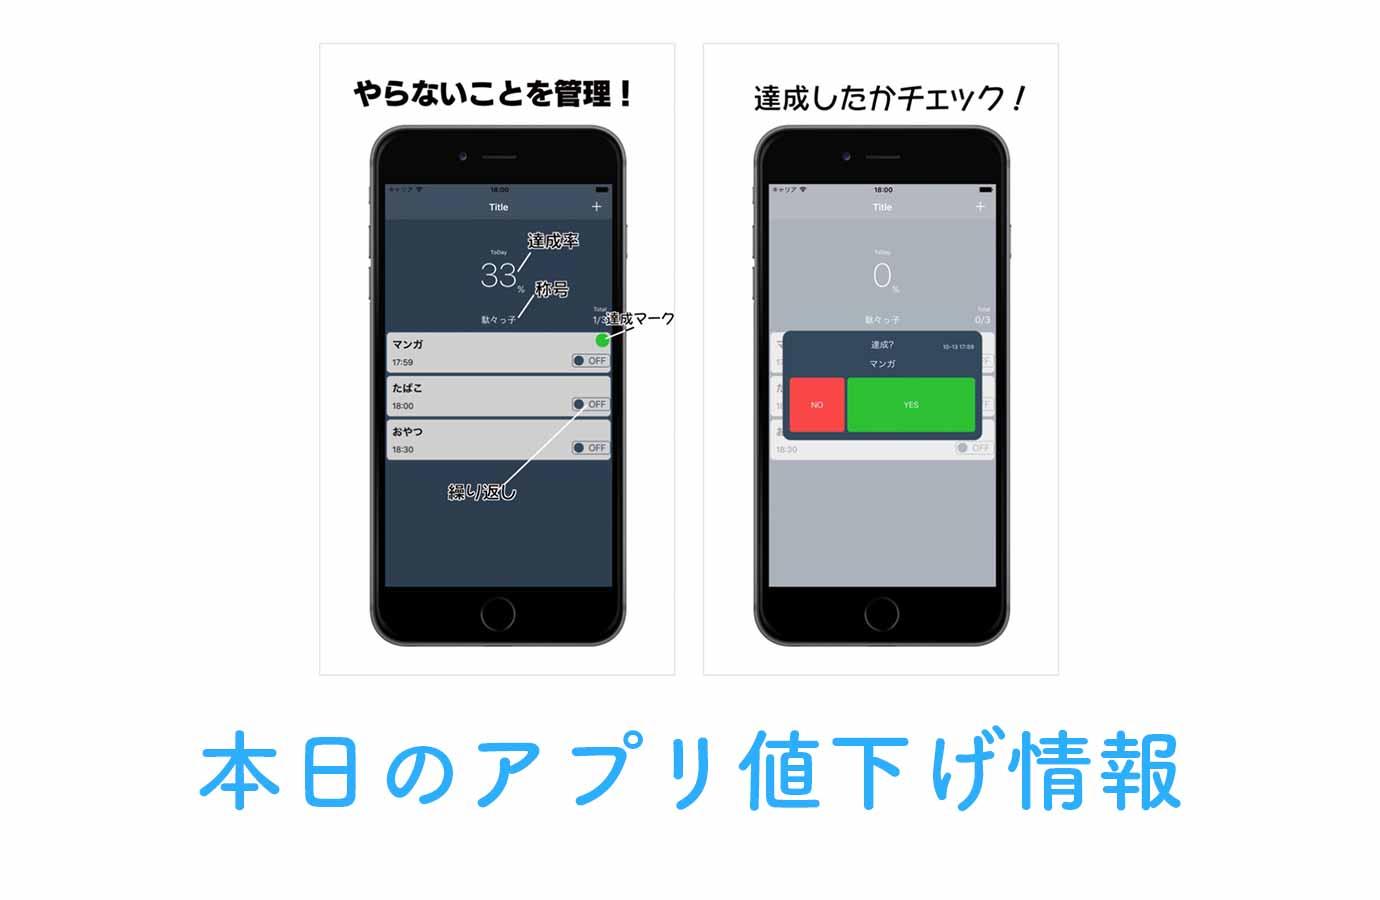 360円→無料!やらない事を管理するためのアプリ「やらない事リスト-NotToDo-」など【10/23】アプリ値下げ情報